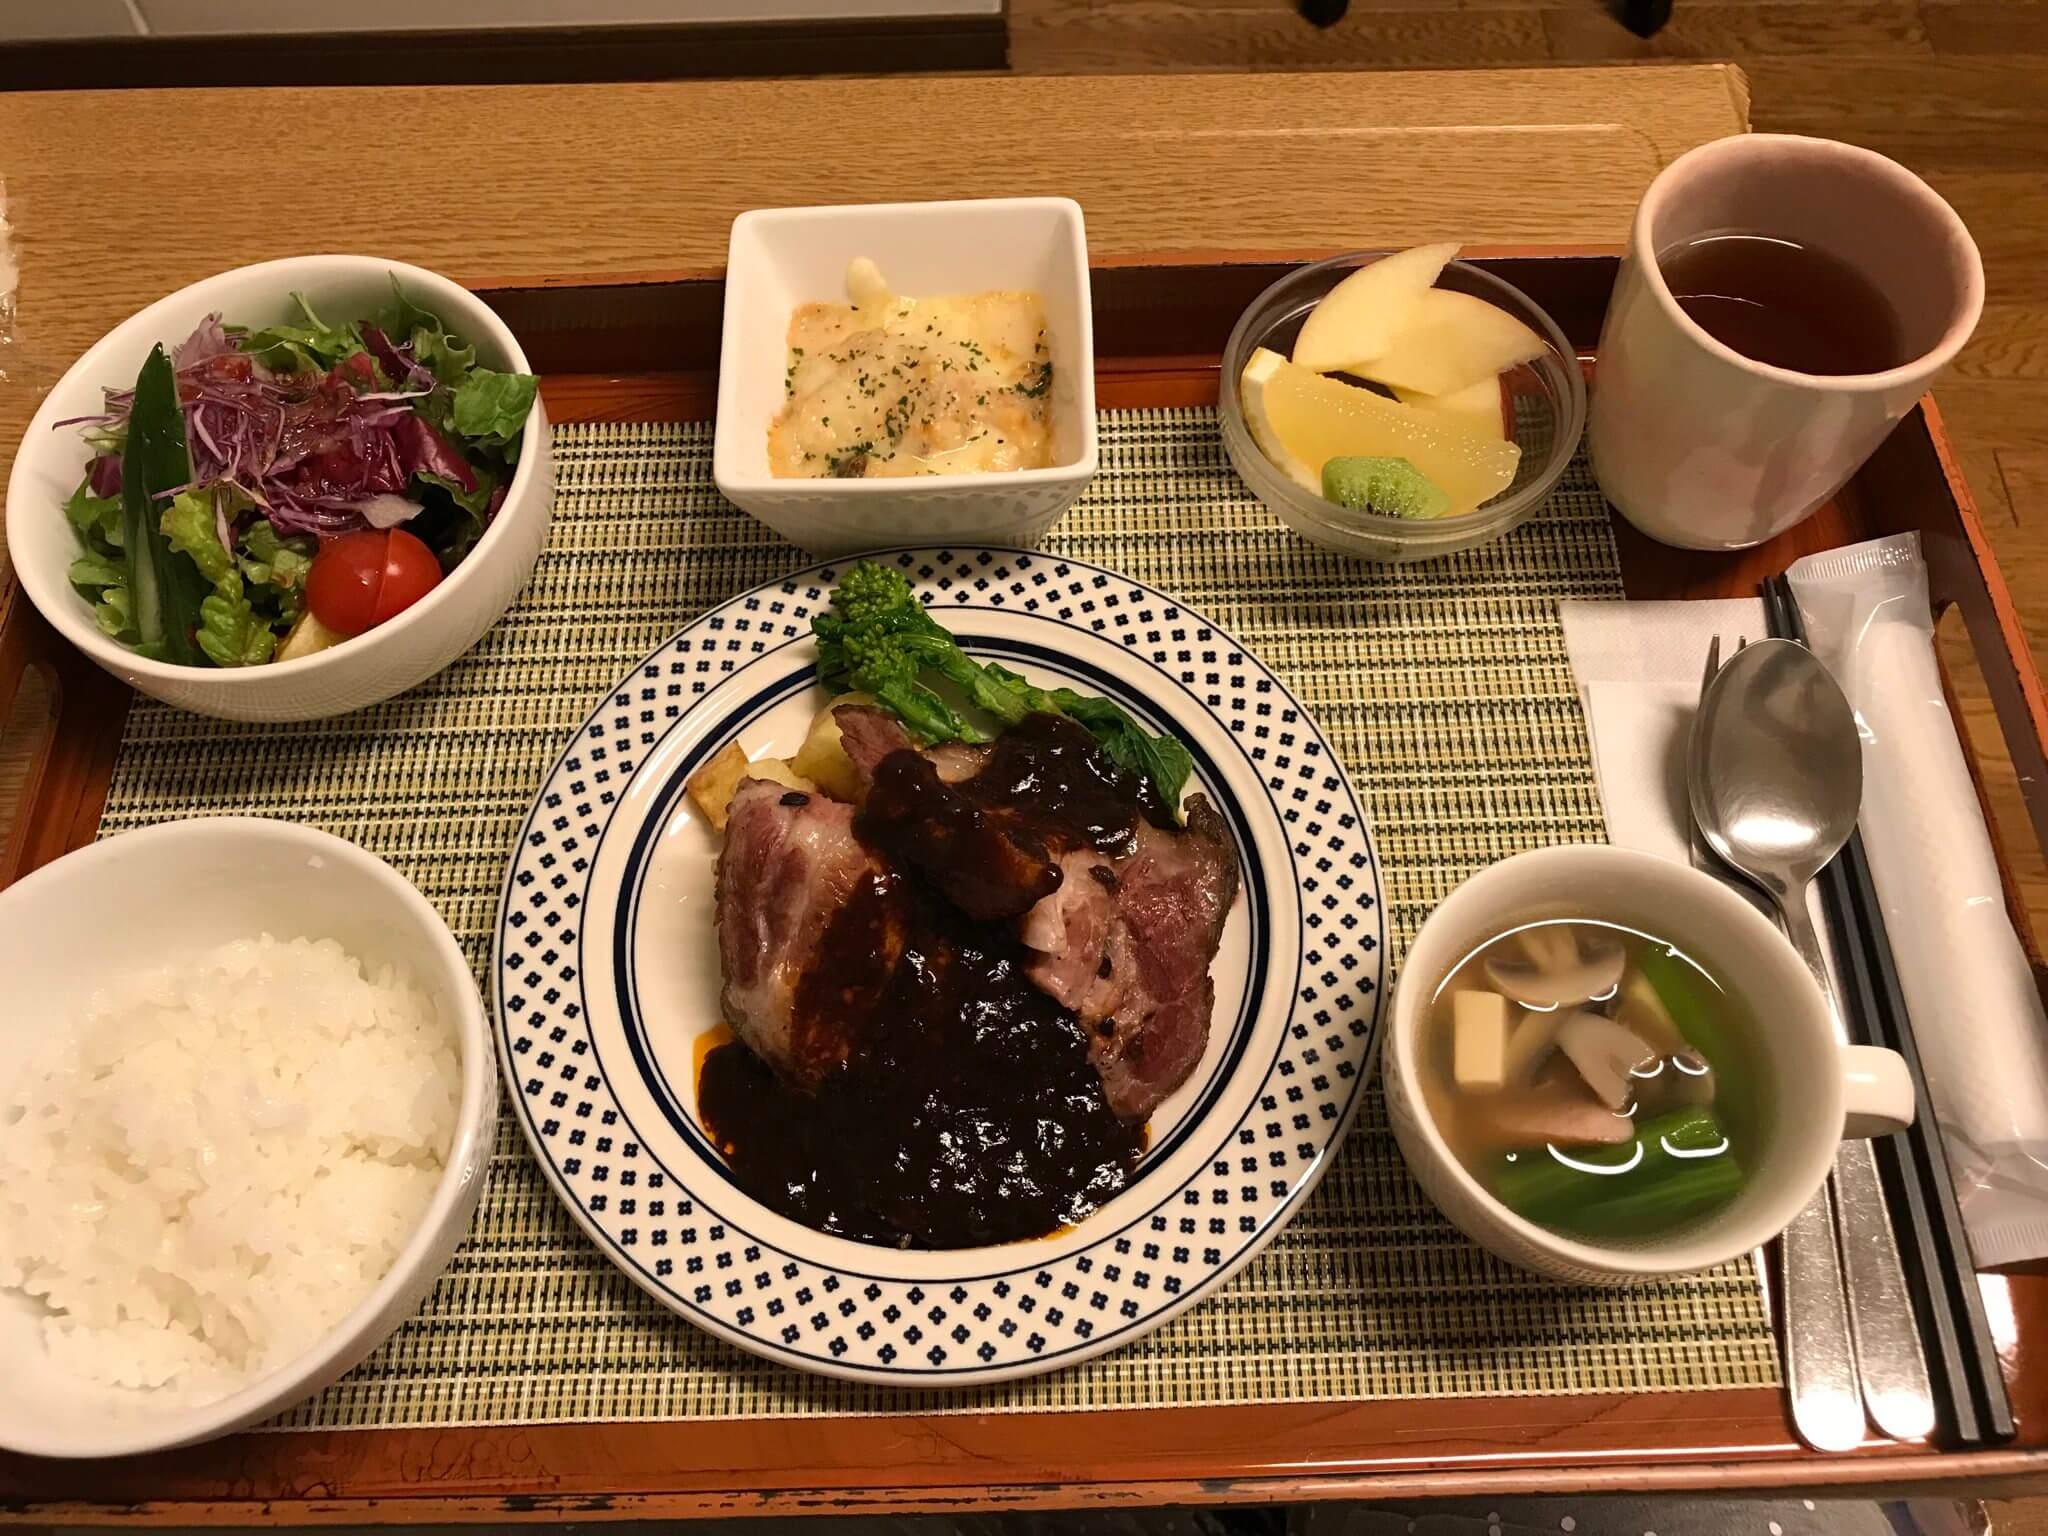 Japan hospital food 8 (1)